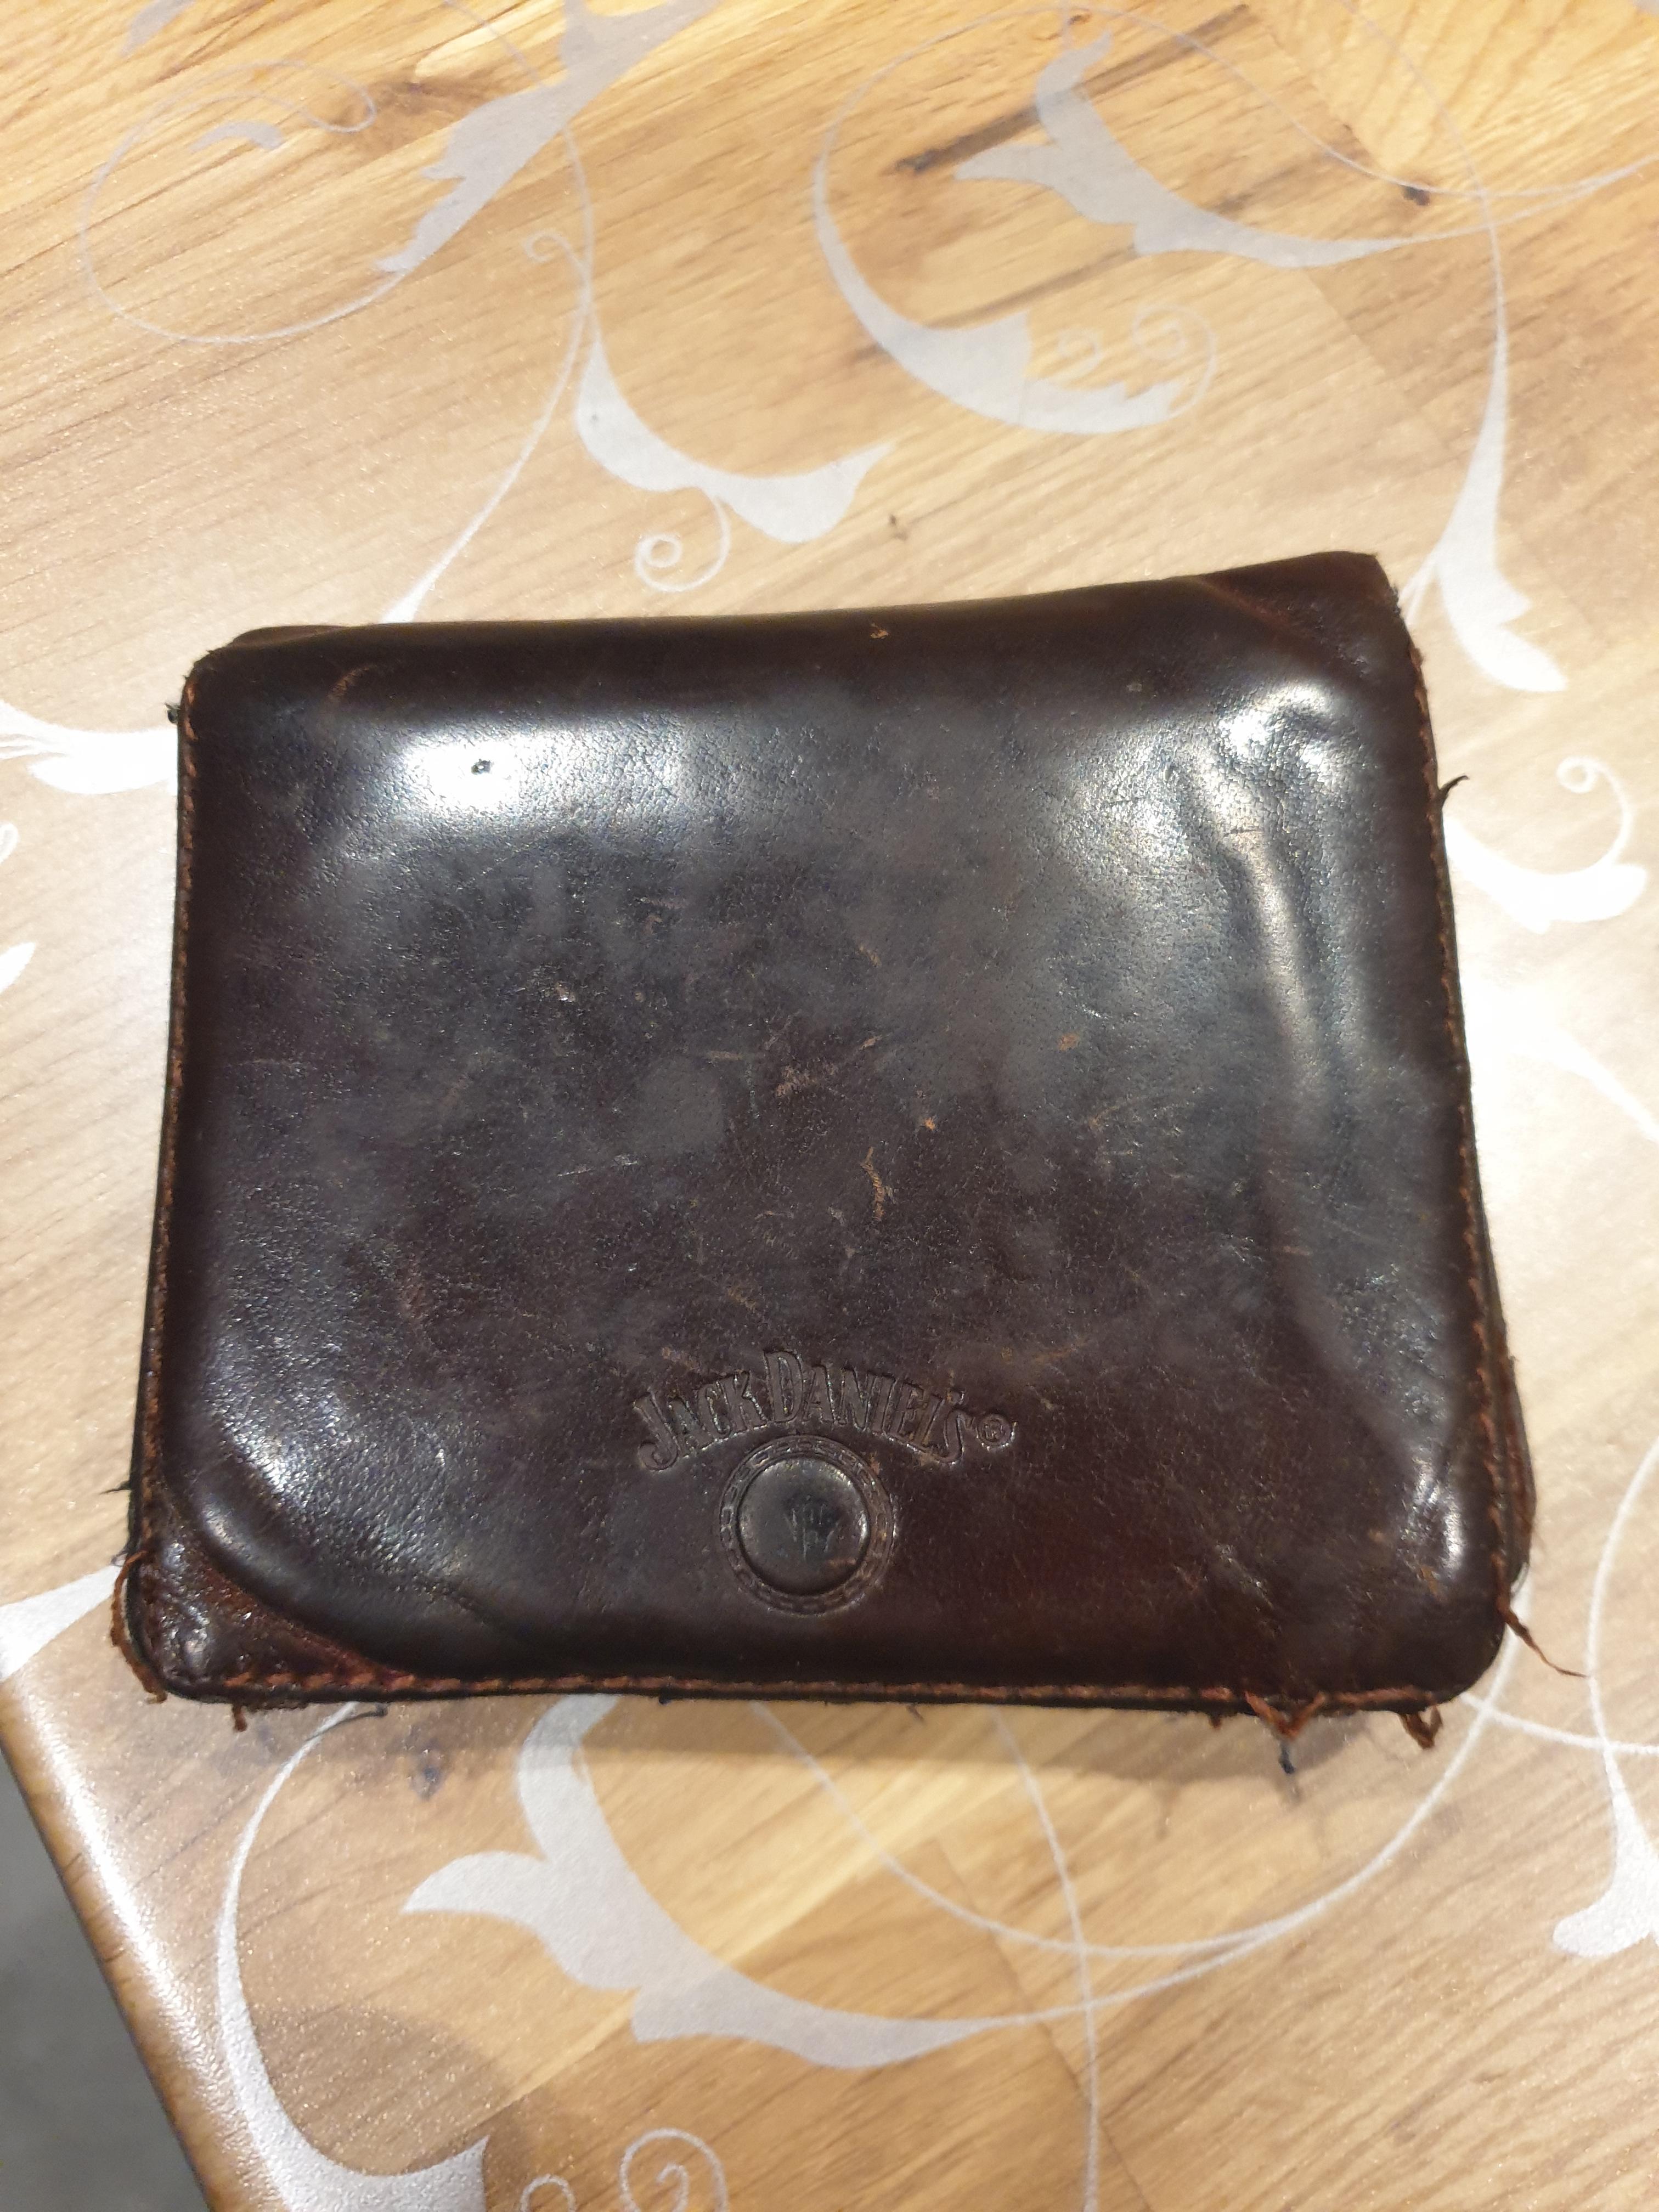 jack daniels schokolade ebay kleinanzeigen